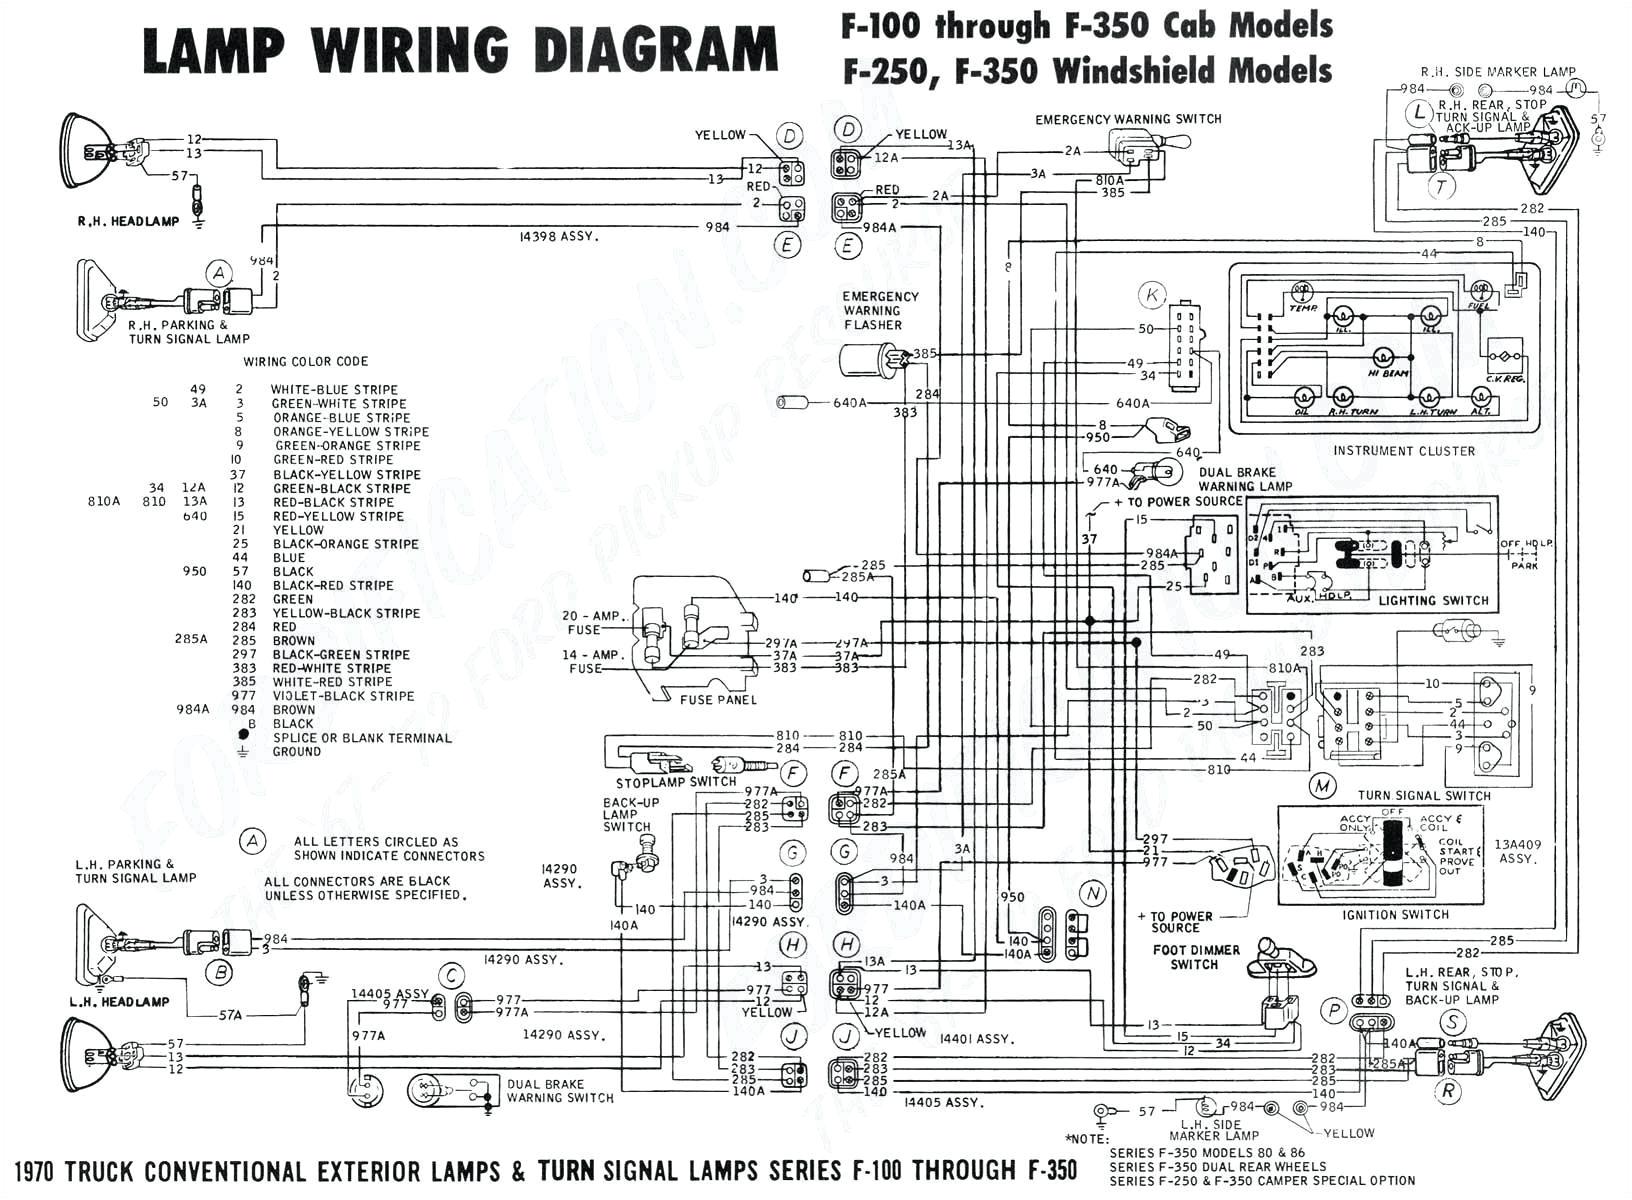 1967 Mustang Turn Signal Wiring Diagram Wiring Diagram Manual Lg format 1967 ford Mustang Pro Wiring Diagram